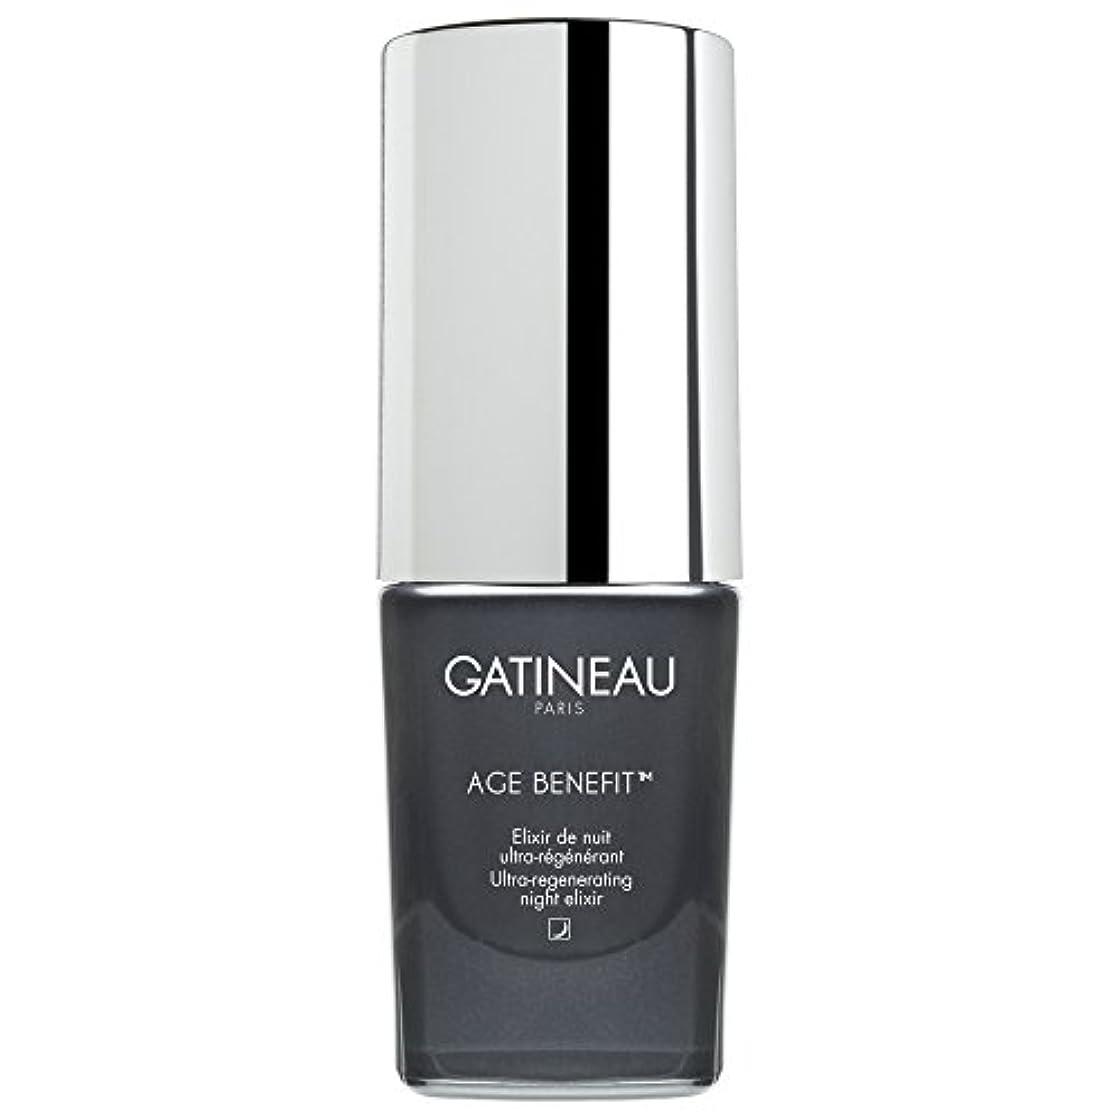 説教成長する間違えたガティノー年齢給付超再生夜のエリクシルの15ミリリットル (Gatineau) (x2) - Gatineau Age Benefit Ultra-Regenerating Night Elixir 15ml (Pack...